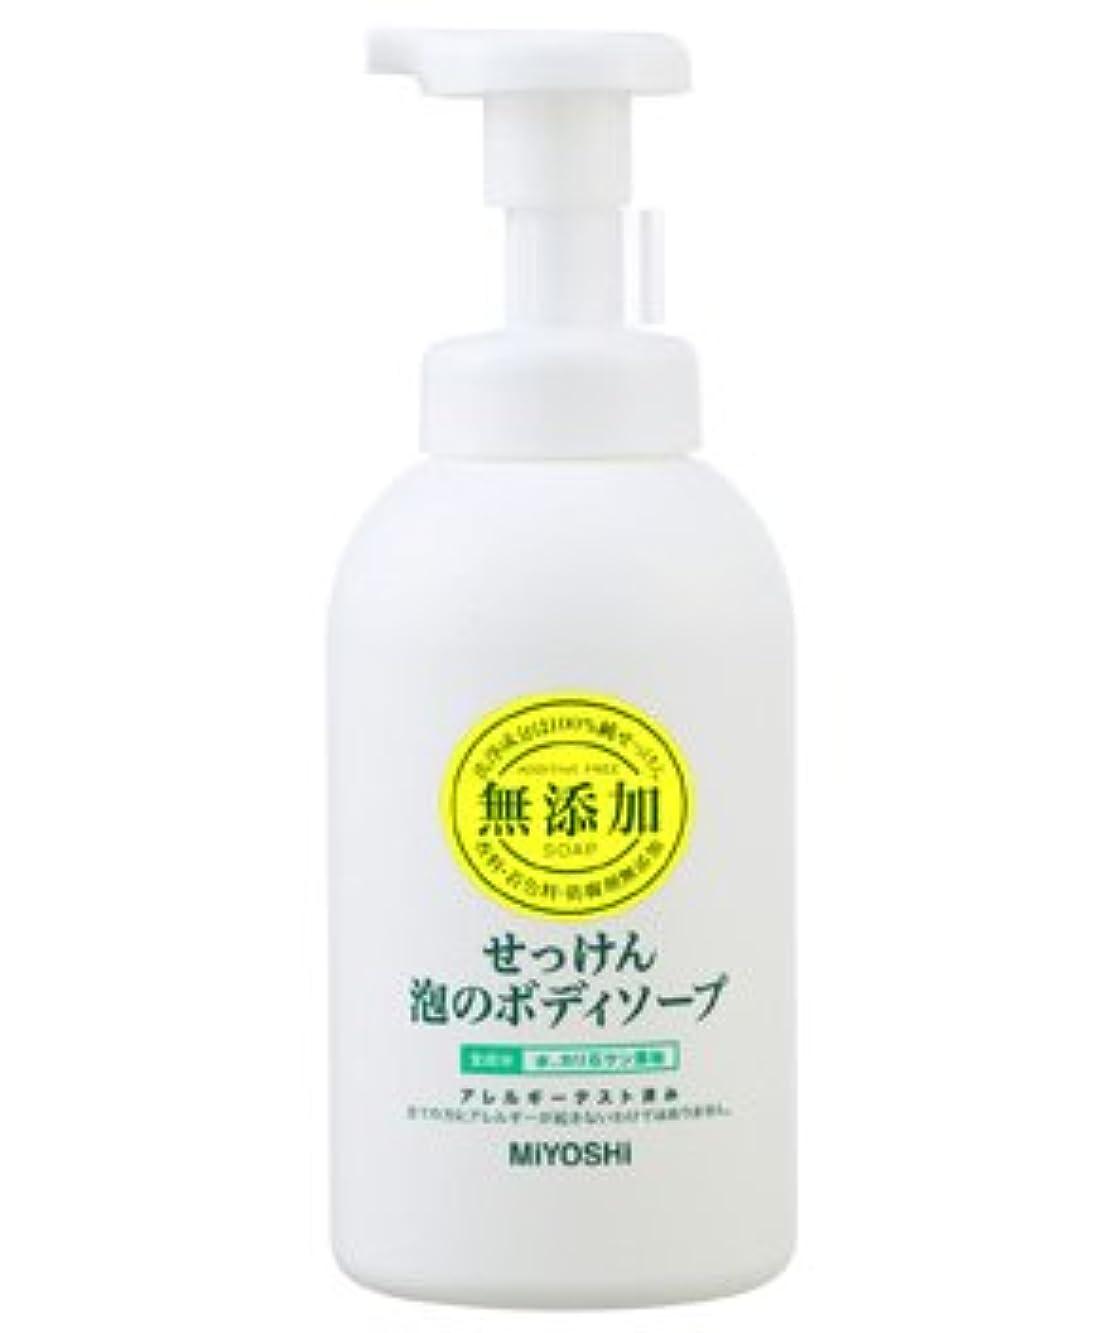 代数的レトルトしなやかなミヨシ石鹸 無添加 せっけん 泡のボディソープ 500ml(無添加石鹸)×15点セット (4537130101544)